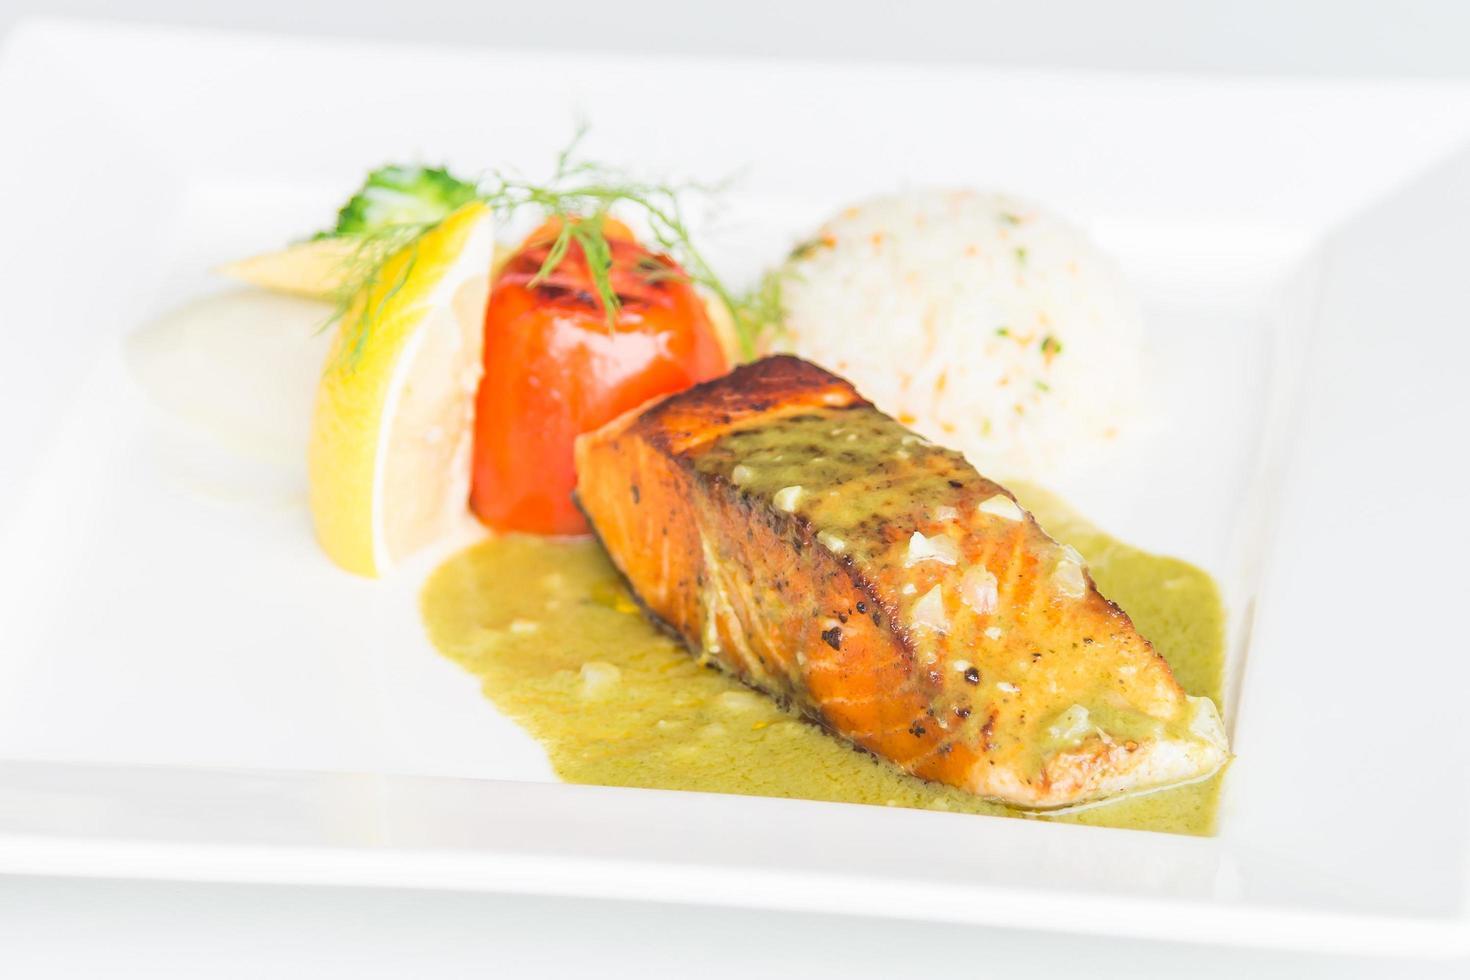 Pavé de saumon sur plaque blanche photo